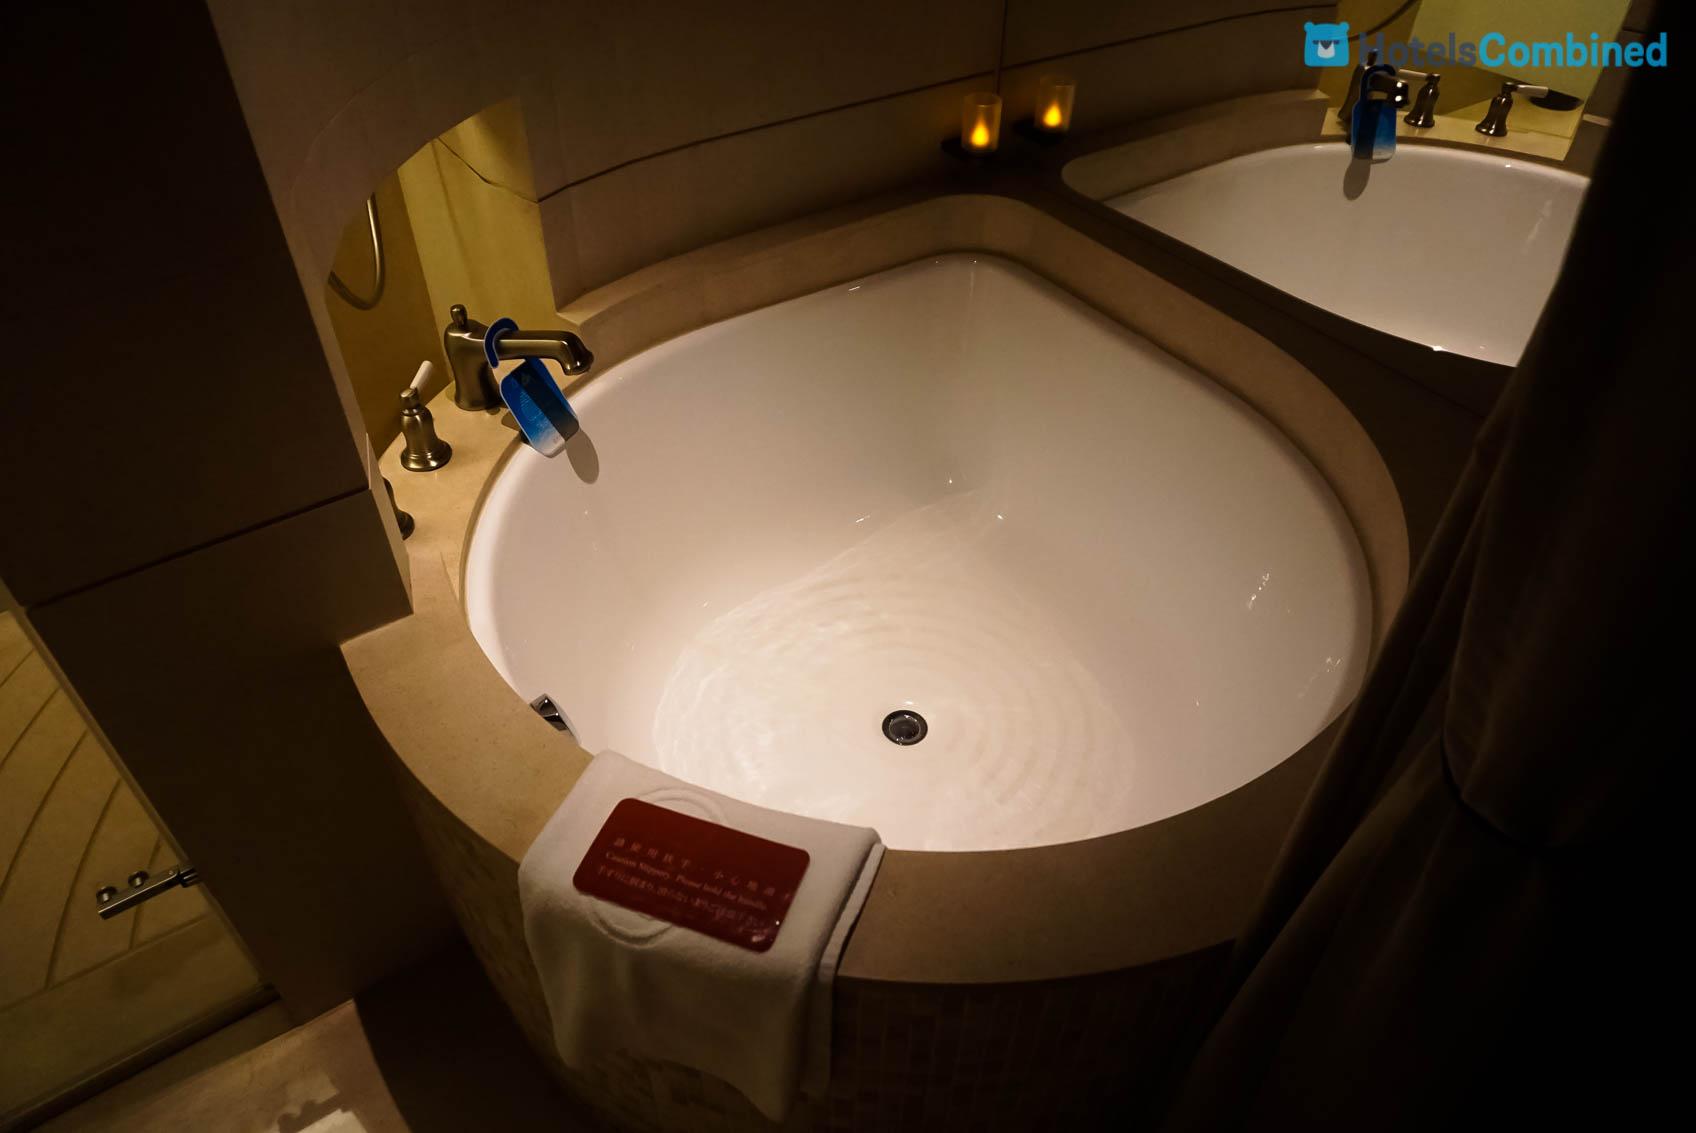 อ่างอาบน้ำหน้าตาเหมือน Poring ใน Ragnarok เลย ฮ่าๆ รูปลูกท้อก็ได้ นอนสบายเลยค่ะ